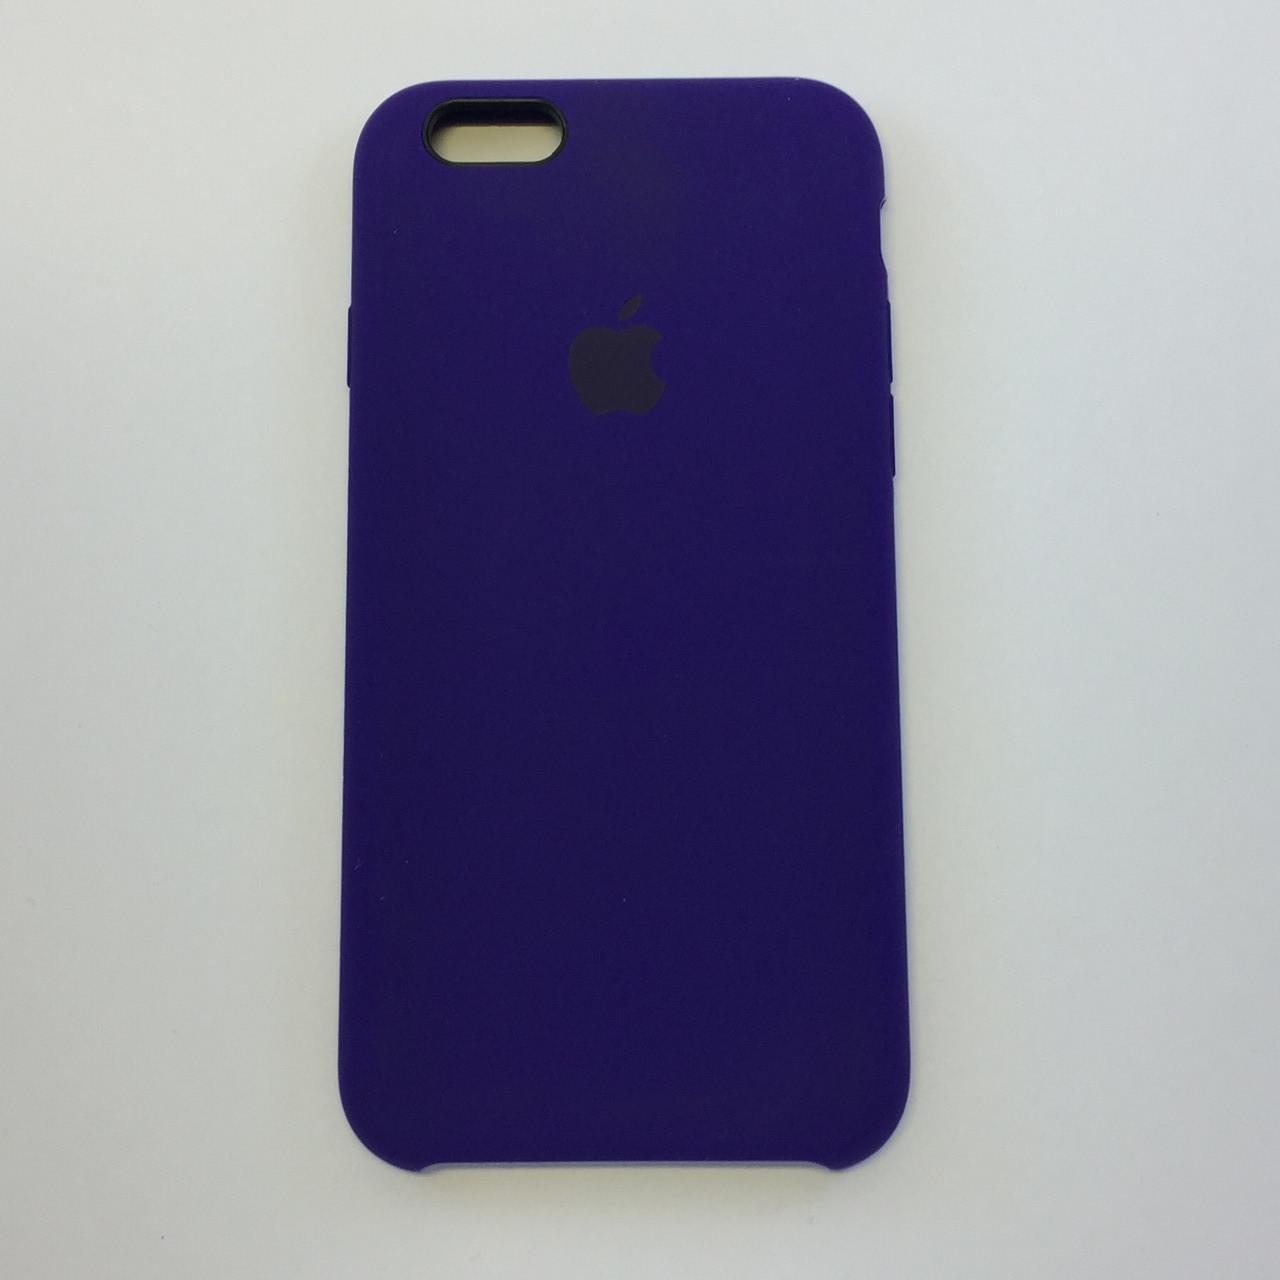 Силиконовый чехол для iPhone 6/6s Plus, - «ультрафиолет» - copy original